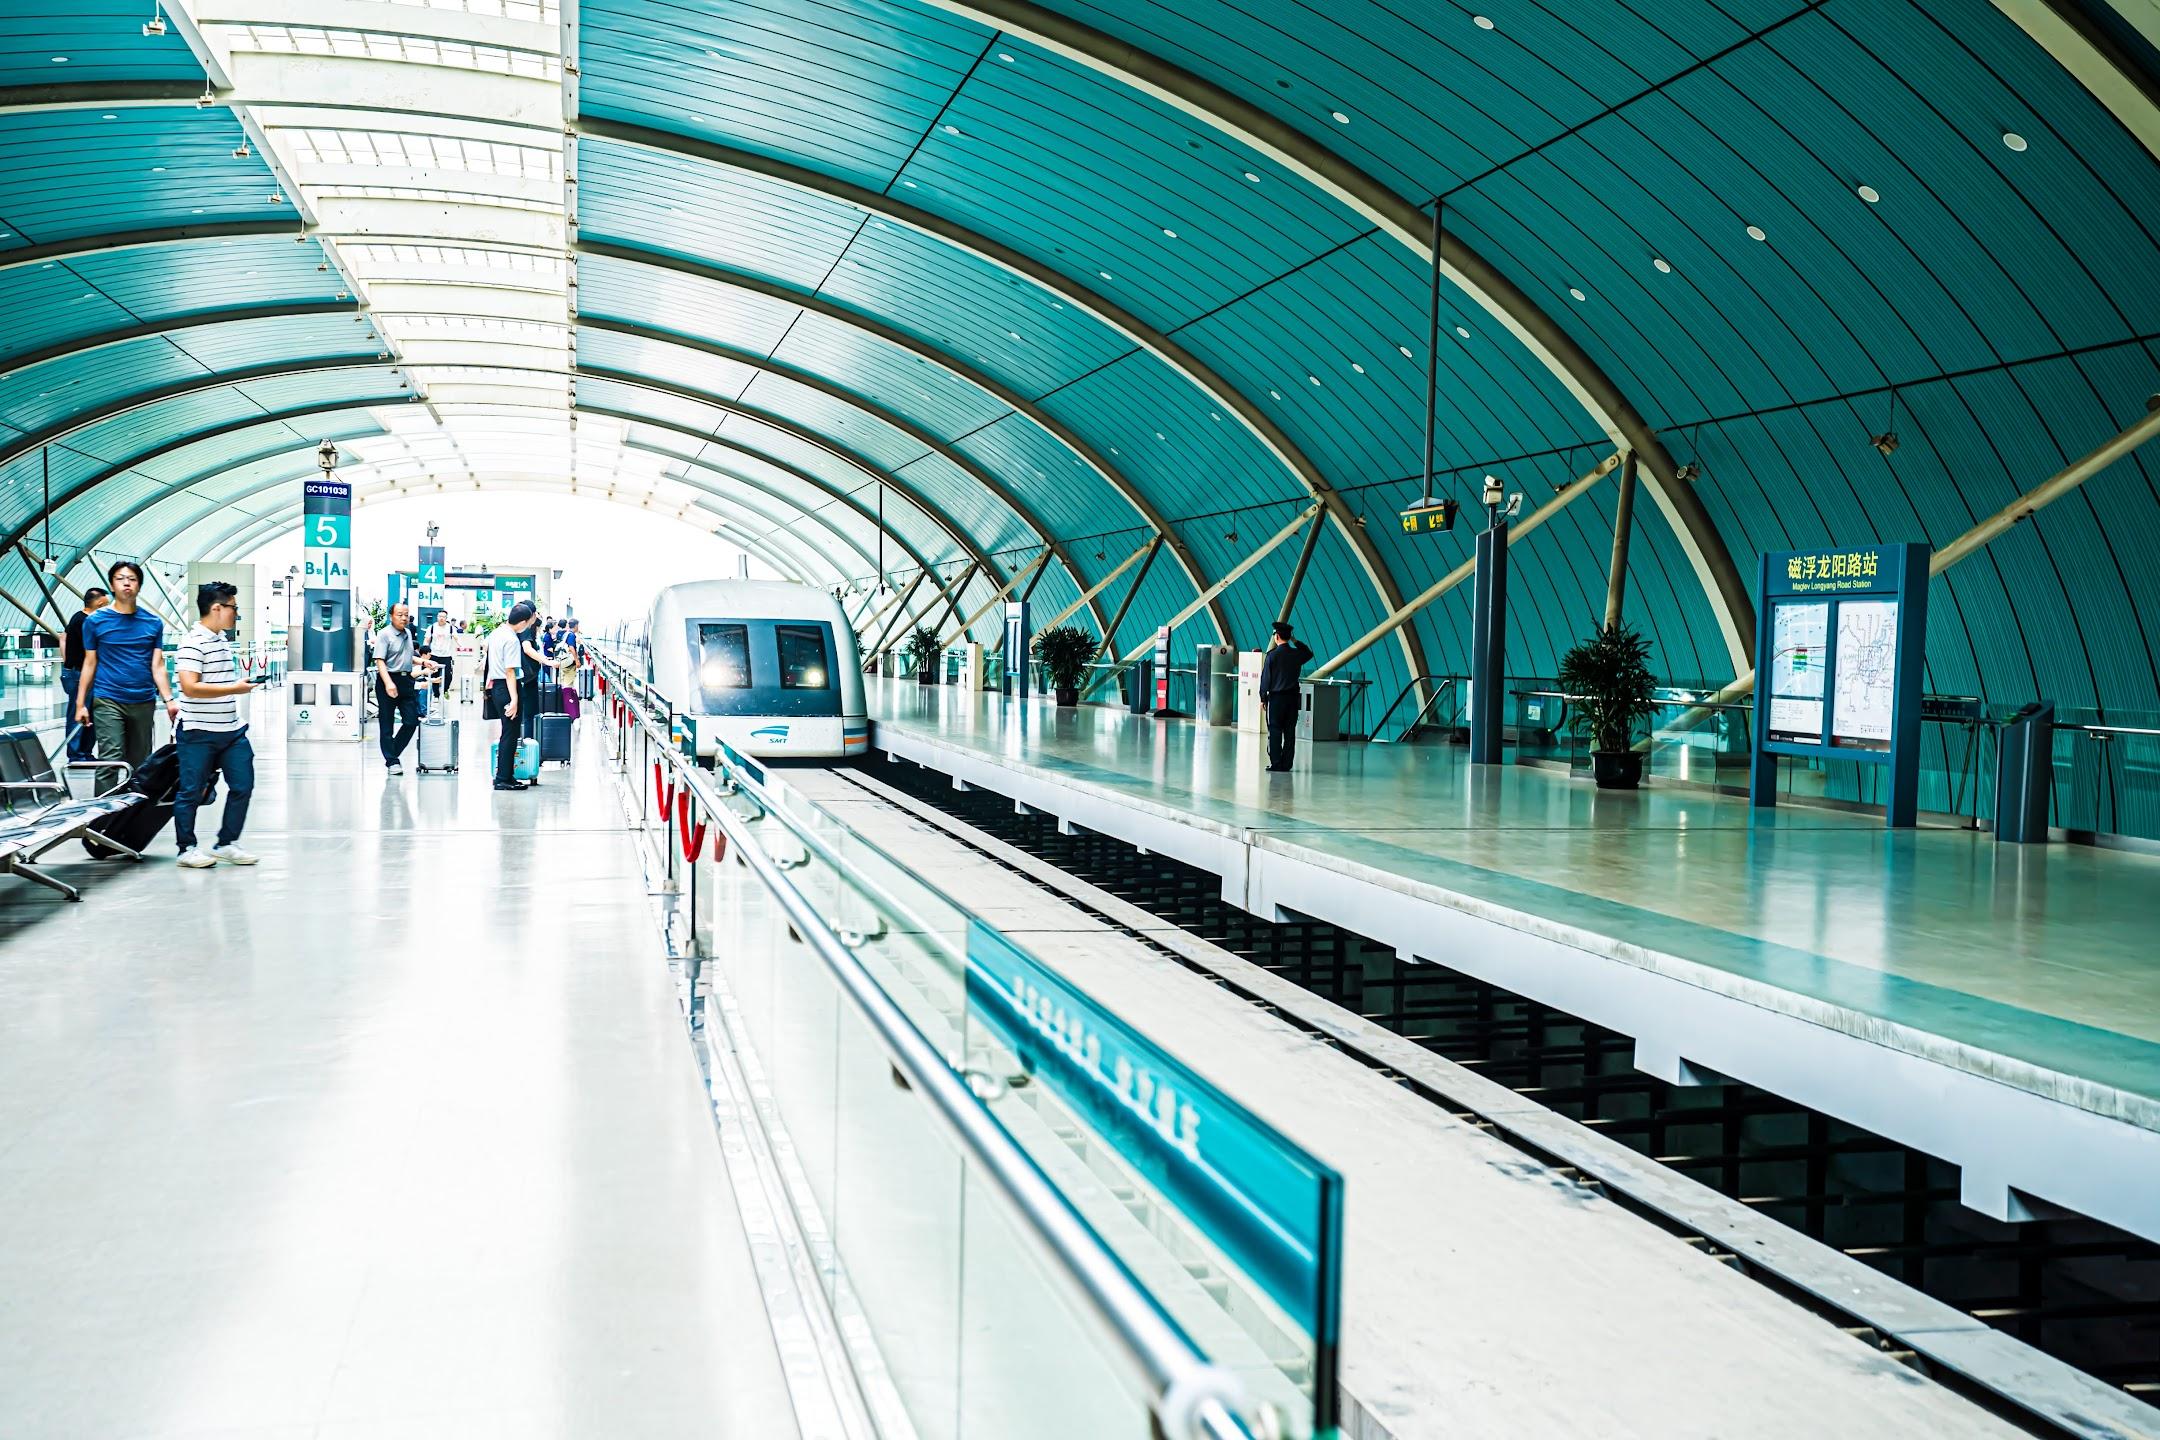 上海 龍陽路3